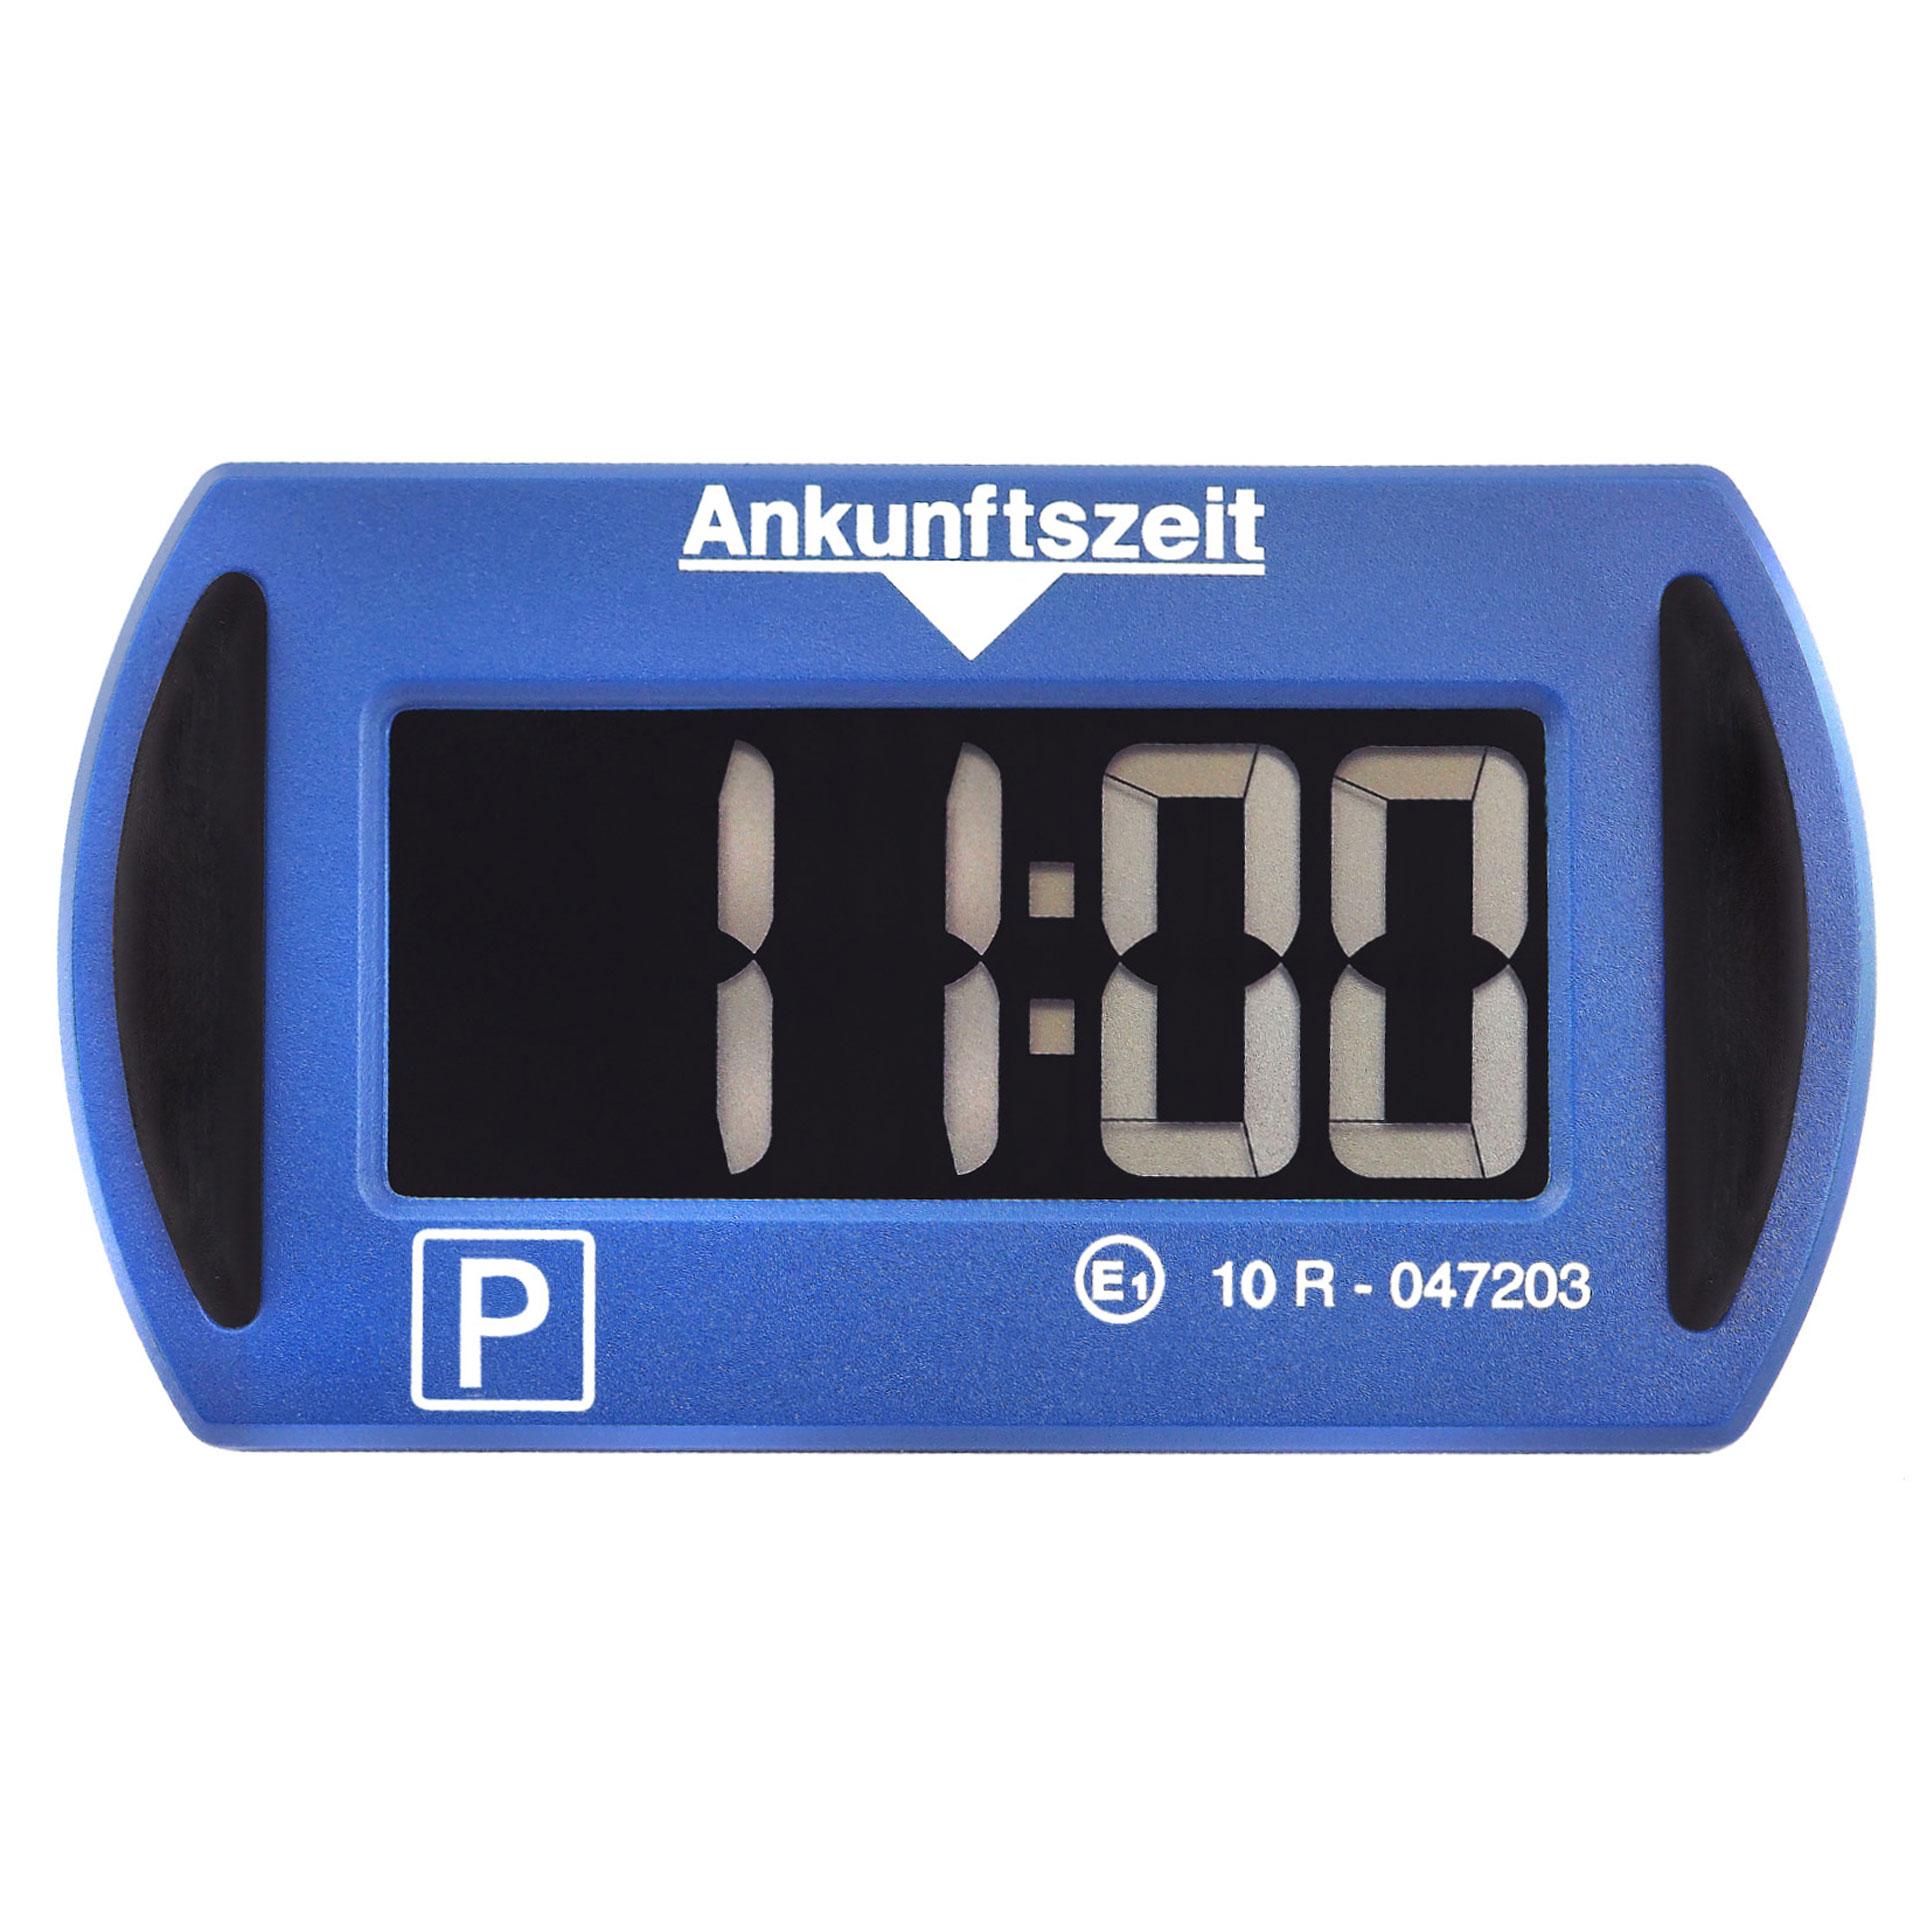 PARK LITE Mini elektronische Parkscheibe in blau